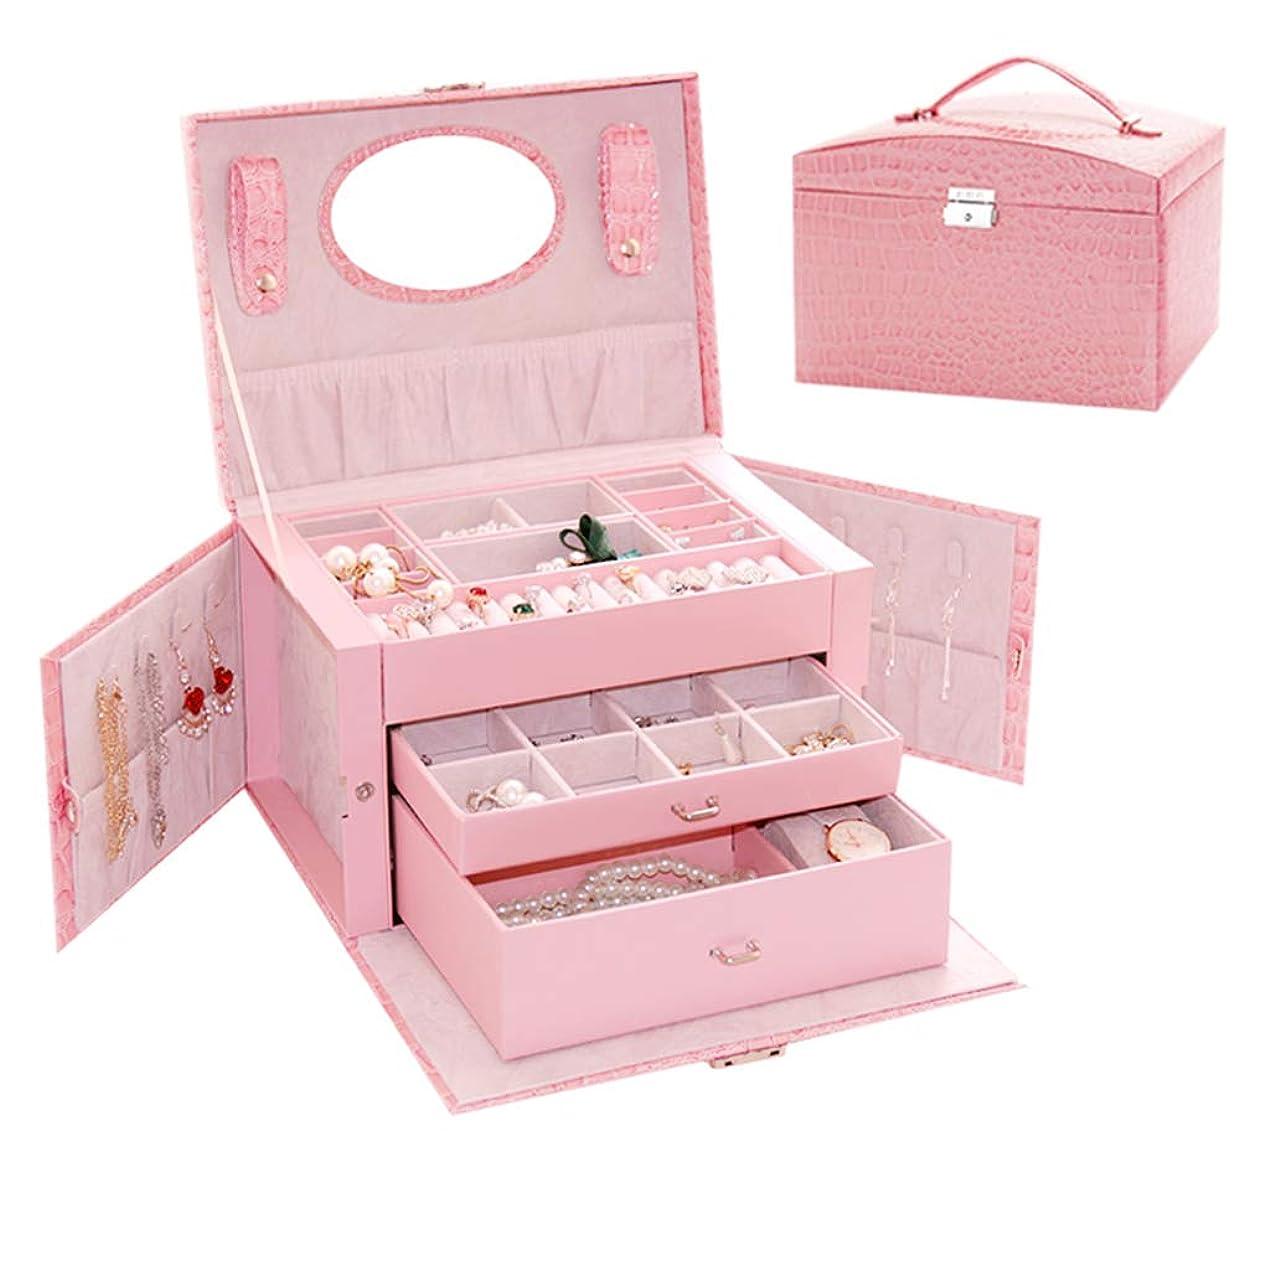 申請中渇き虚弱ジュエリーボックス高品質の多層ピアスハンドジュエリージュエリー収納ボックス大容量仕上げボックス,pink